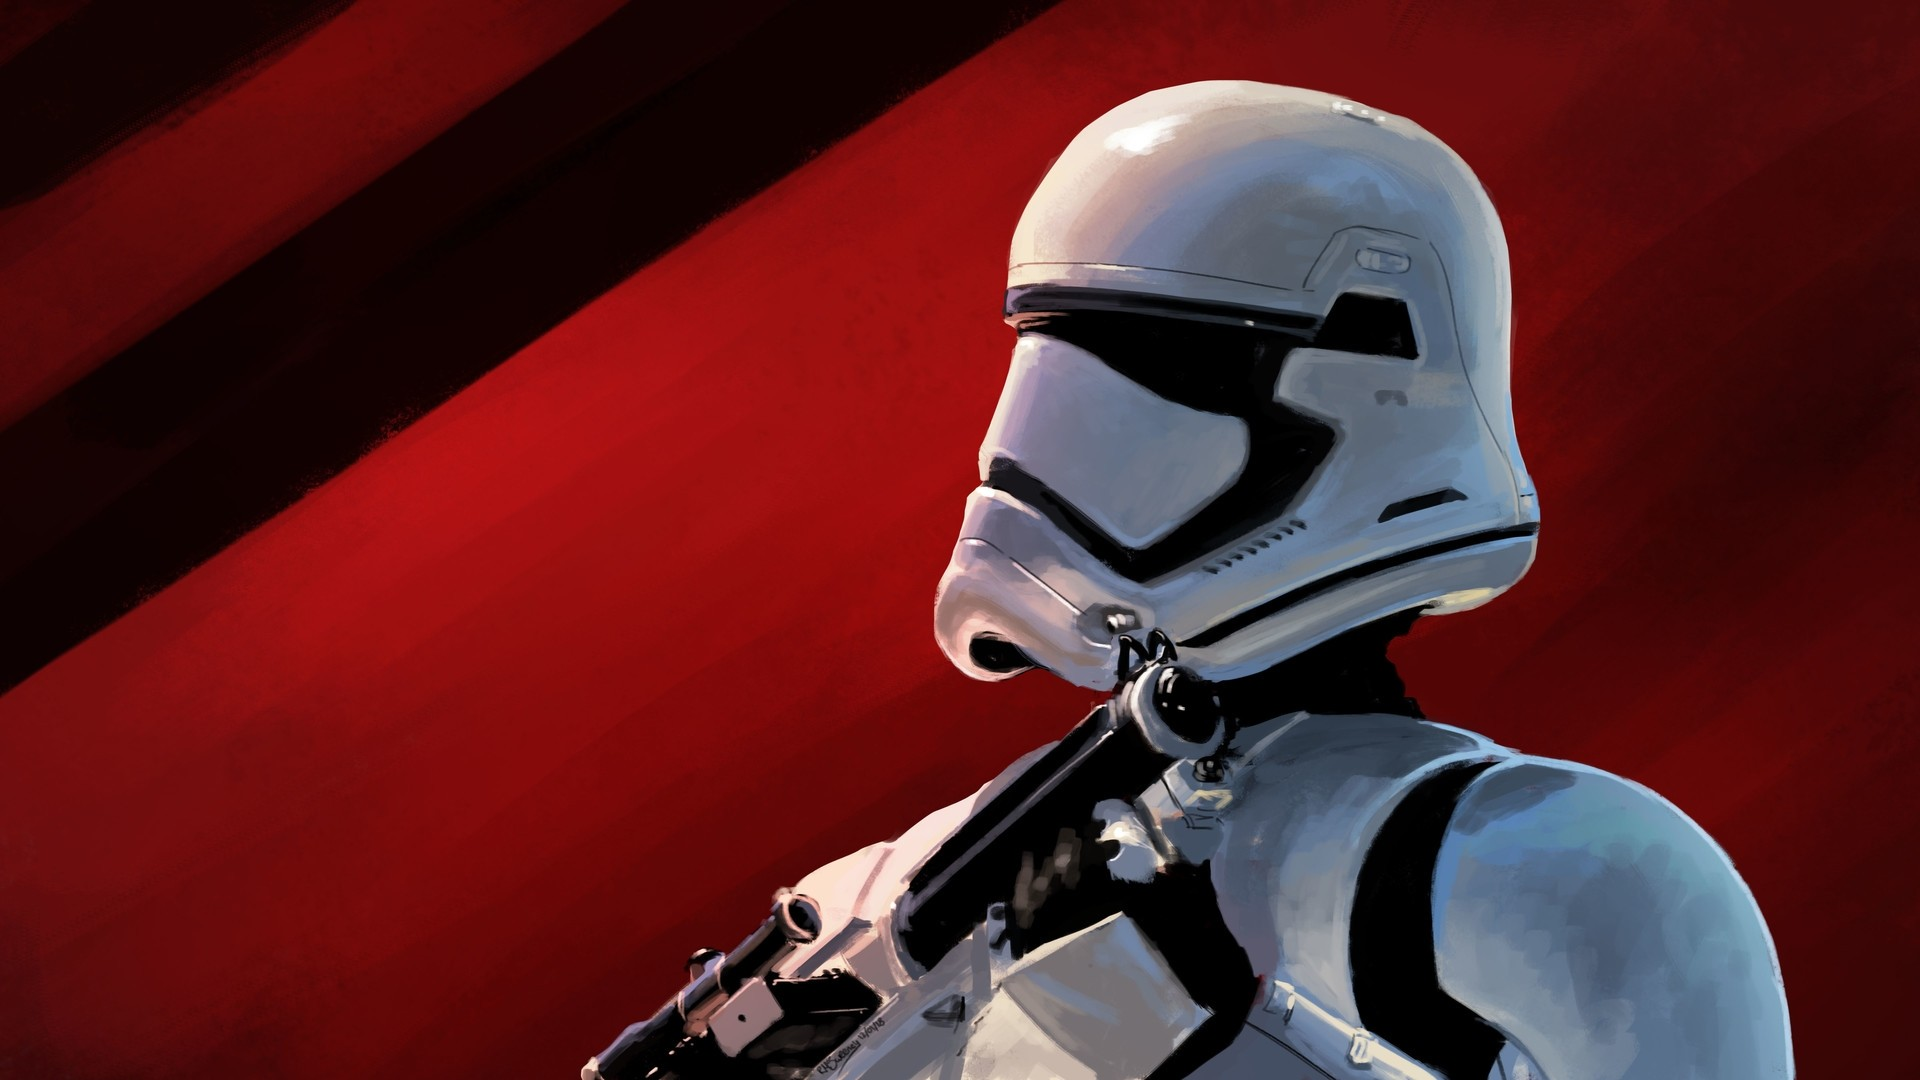 Stormtrooper a wallpaper